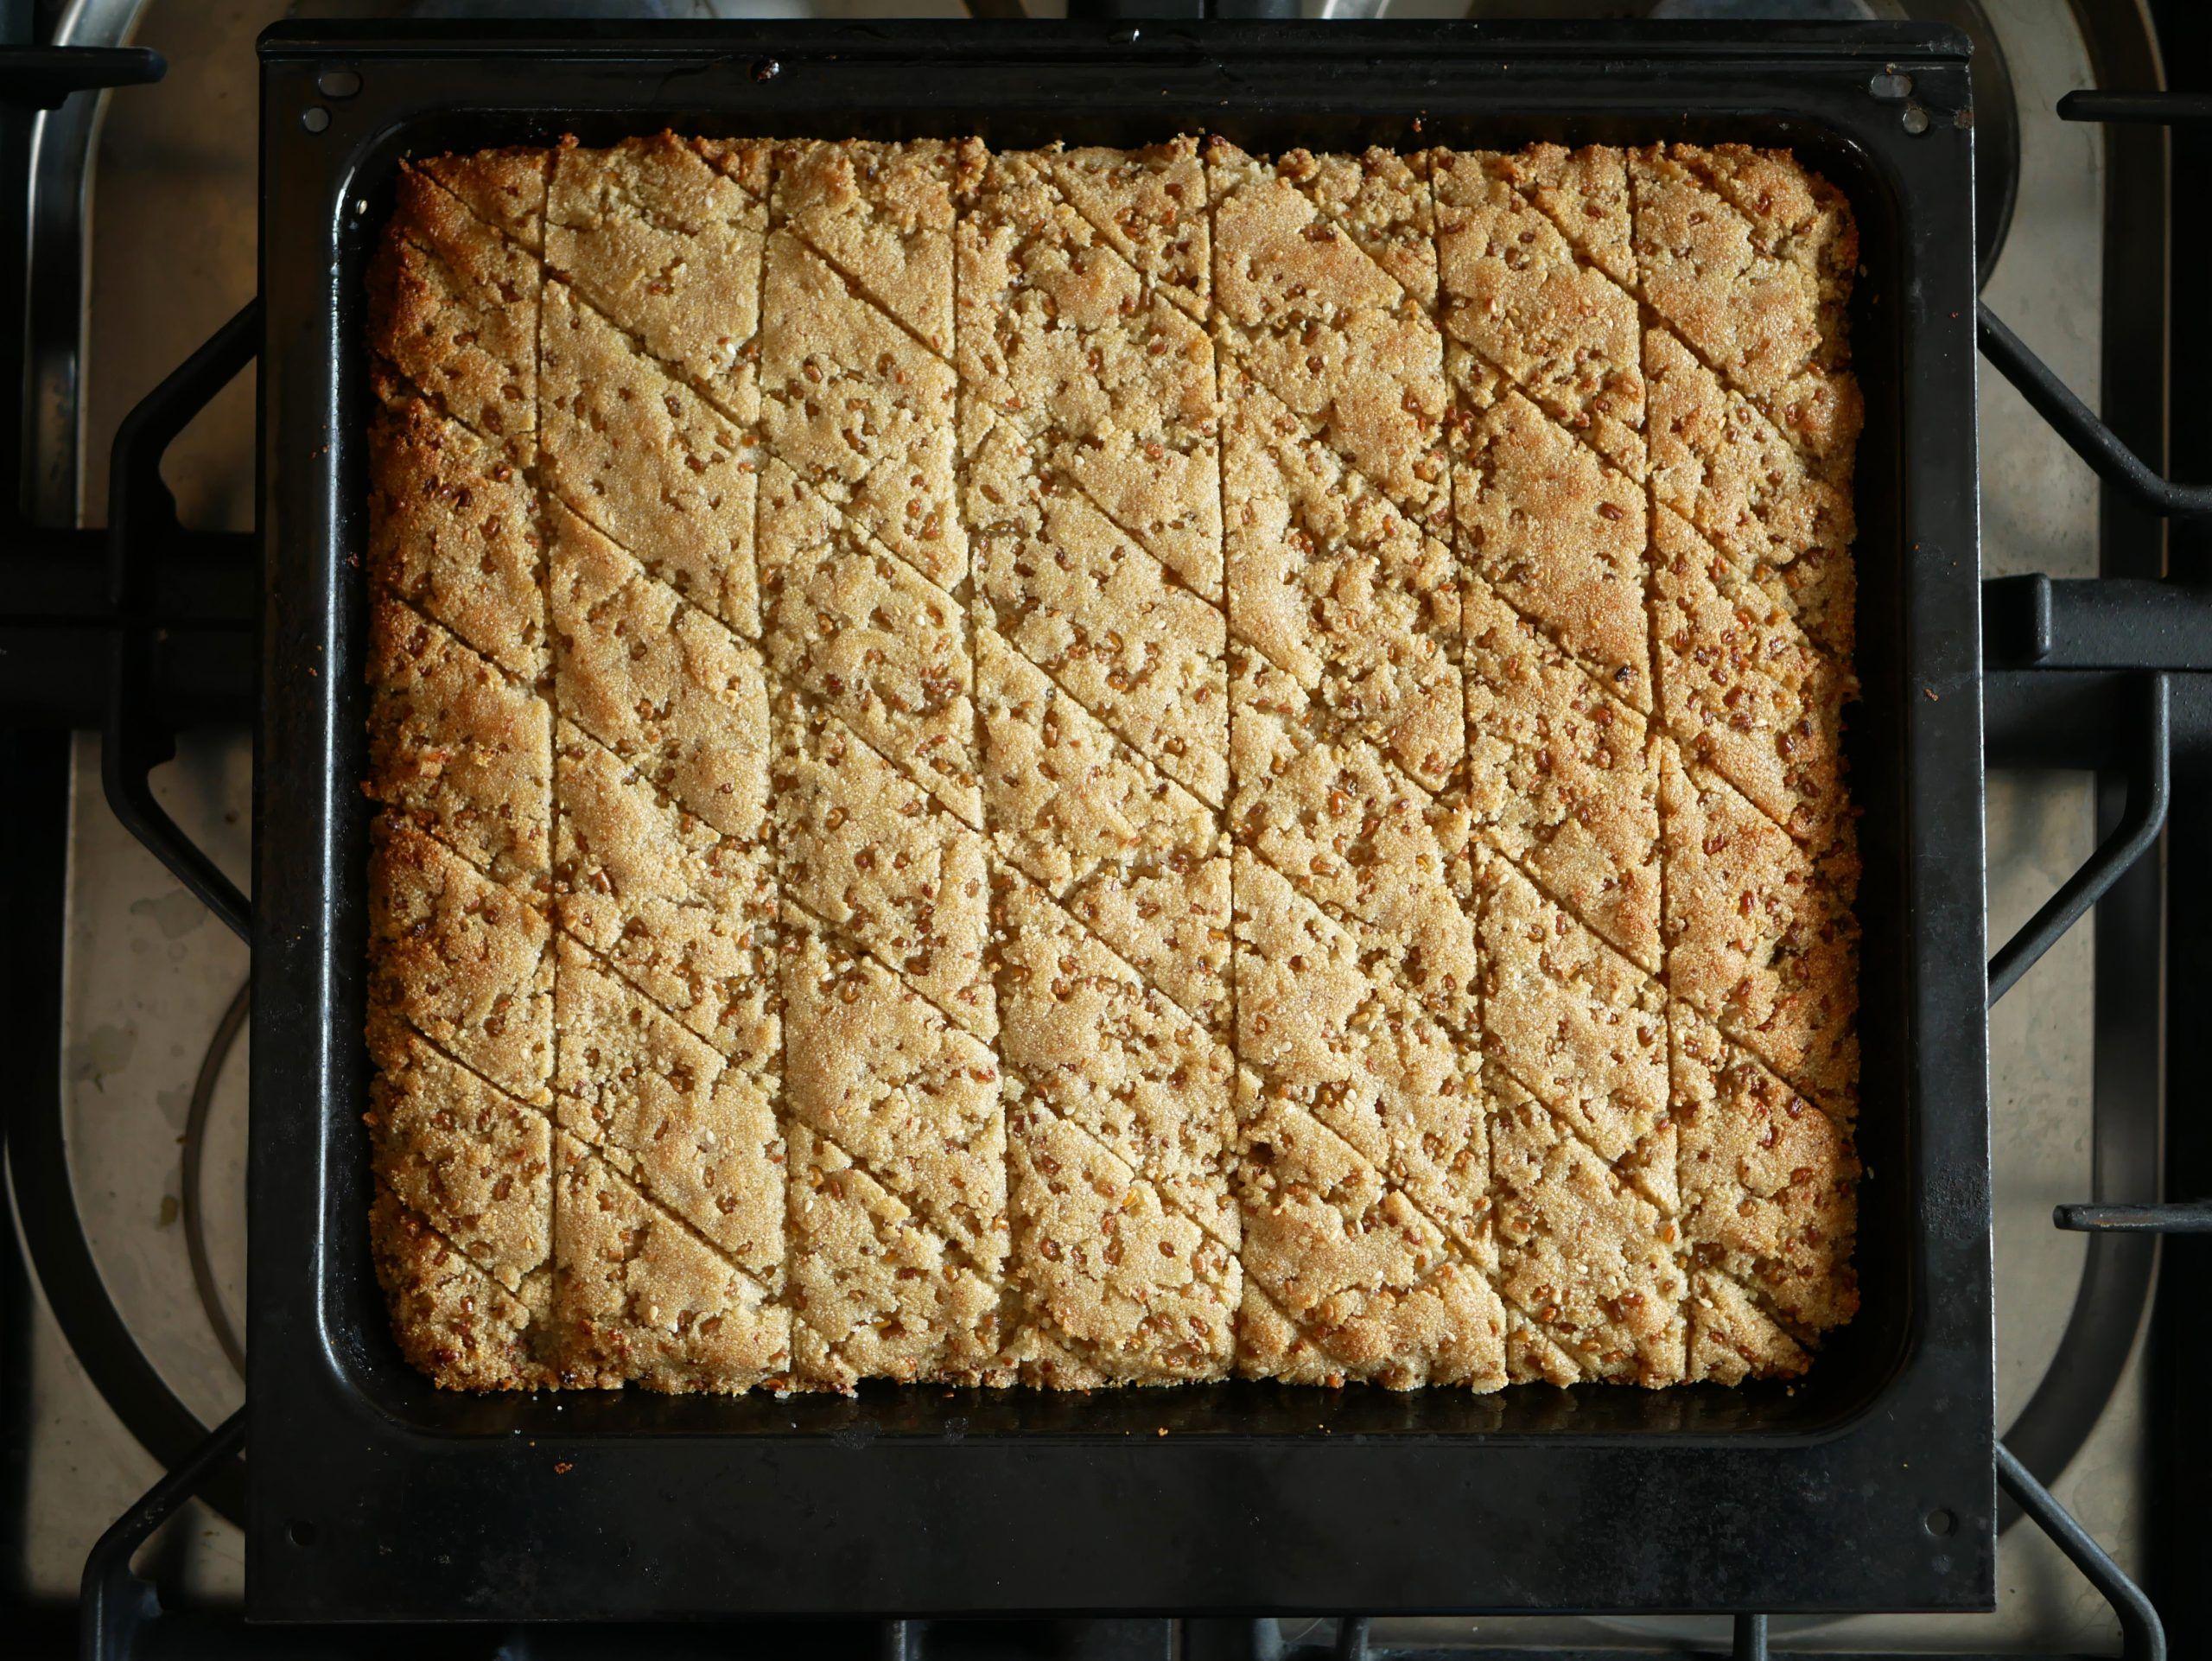 עוגת חילבה | צילום: חוסיין שאקרה